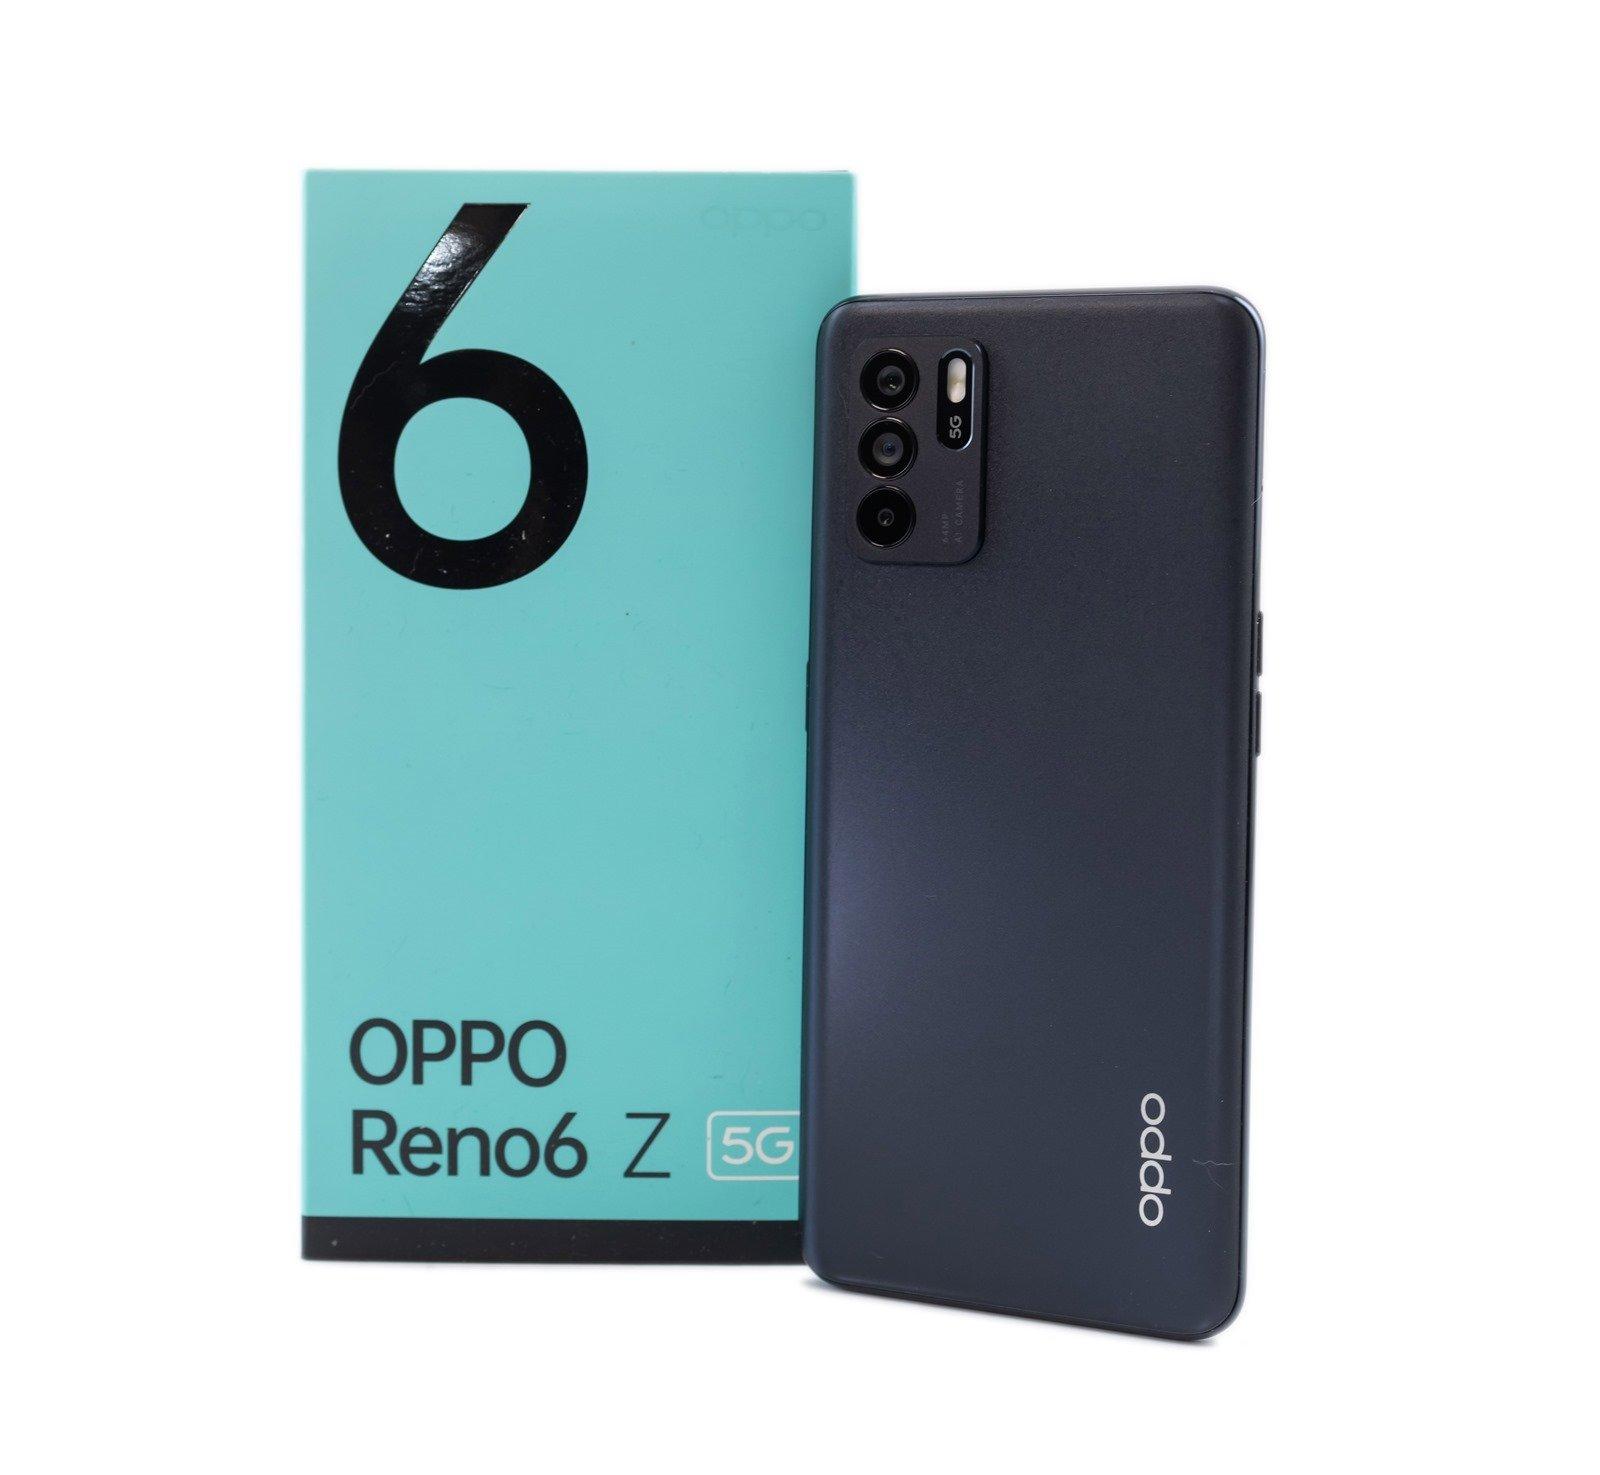 輕鬆入手輕薄 OPPO Reno 6Z 開箱電力性能實測 + 相機實拍分享 @3C 達人廖阿輝